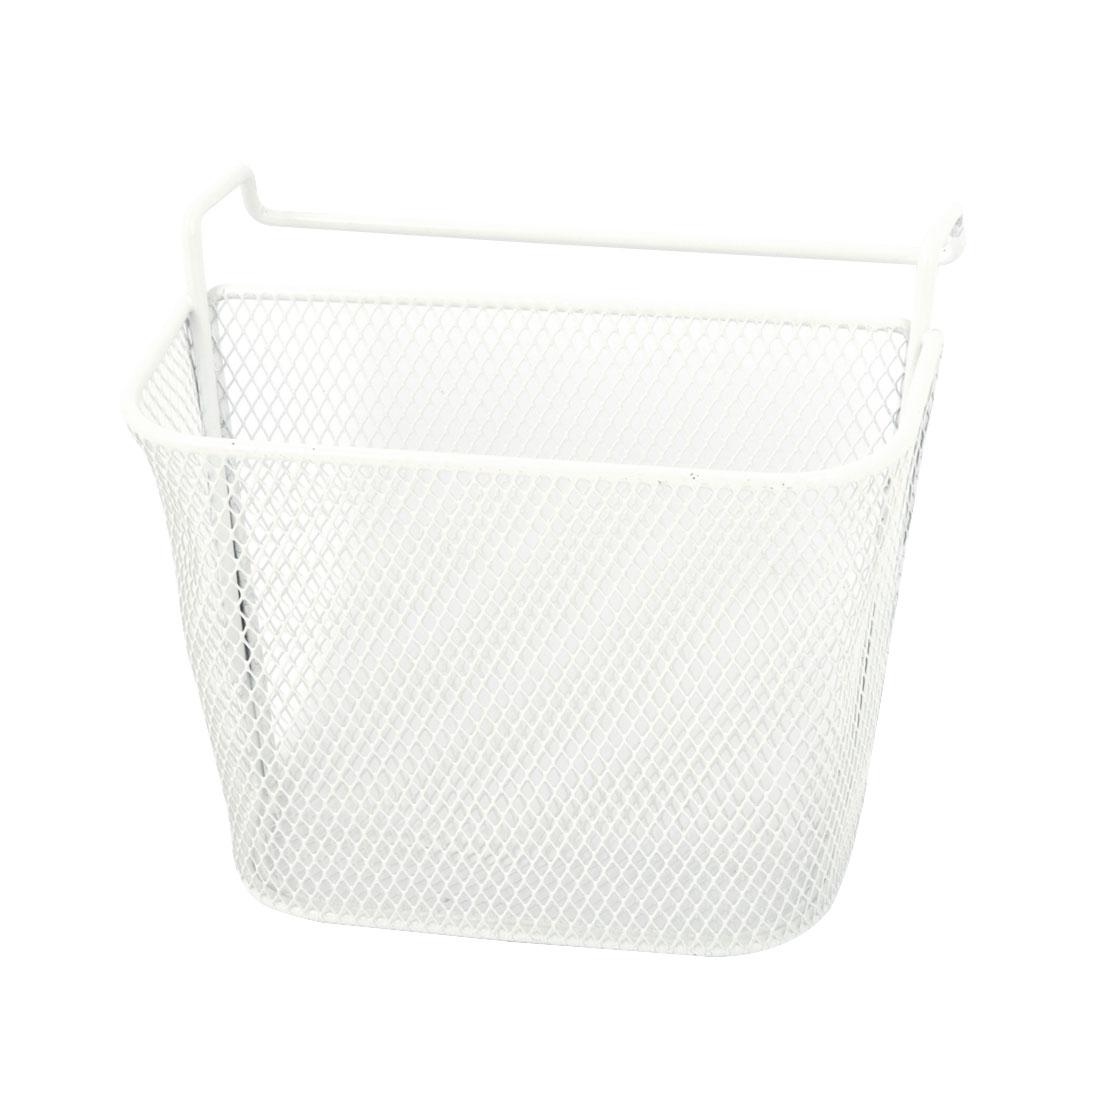 Kitchen Bathroom White Metal Mesh Basket Tool Storage Organizer Hanging Space Saver